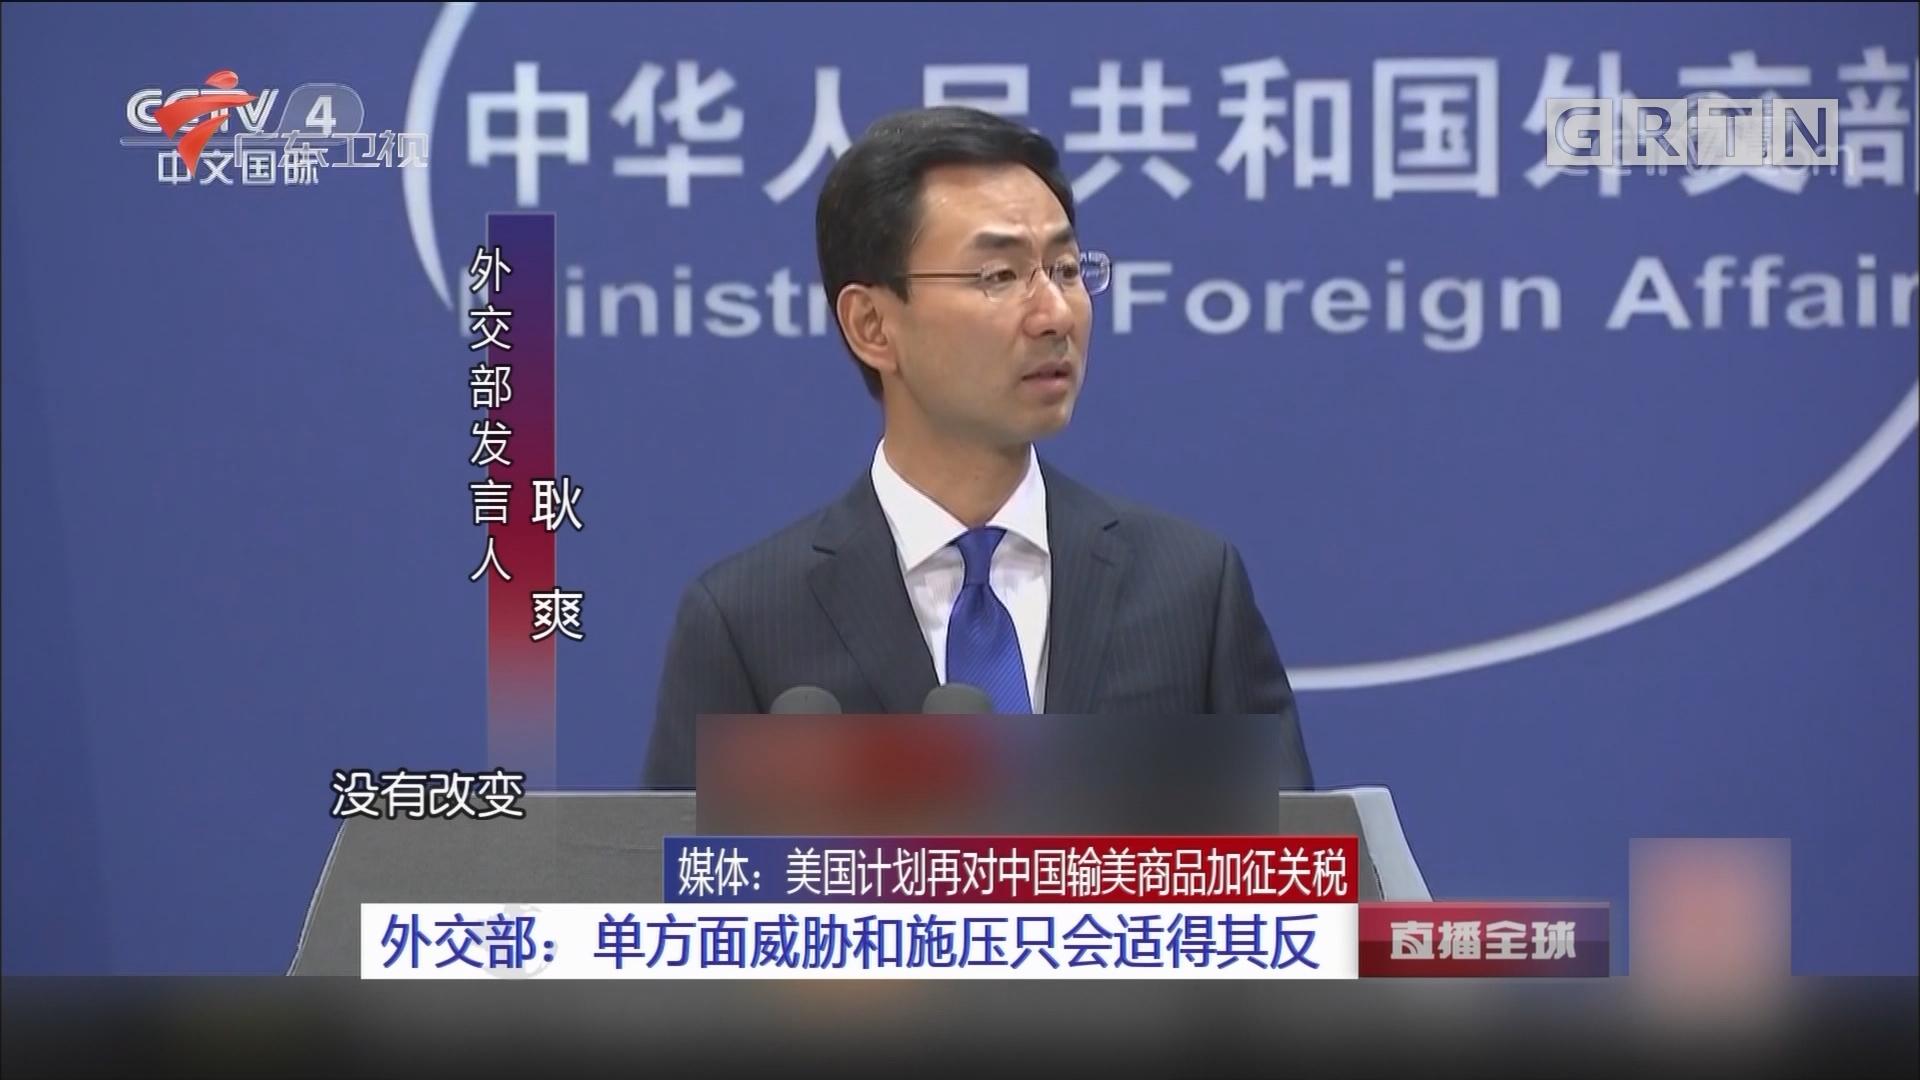 媒体:美国计划再对中国输美商品加征关税 外交部:单方面威胁和施压只会适得其反